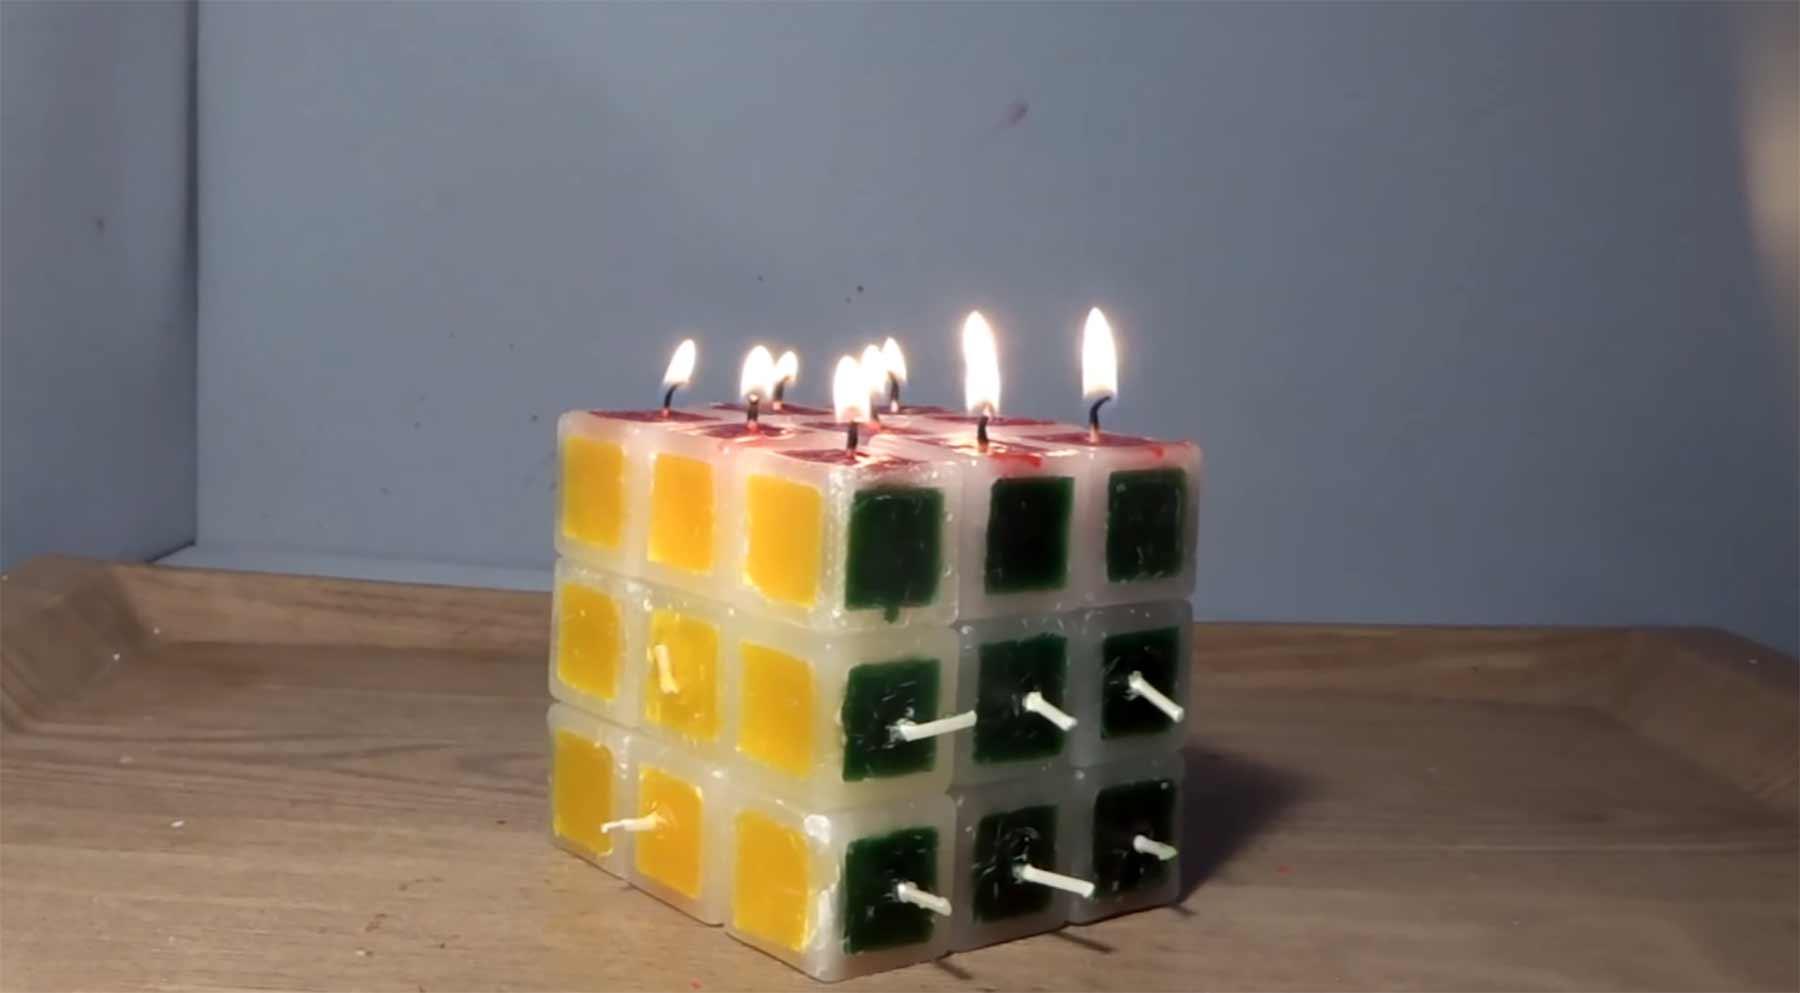 Einen brennenden Kerzen-Zauberwürfel lösen